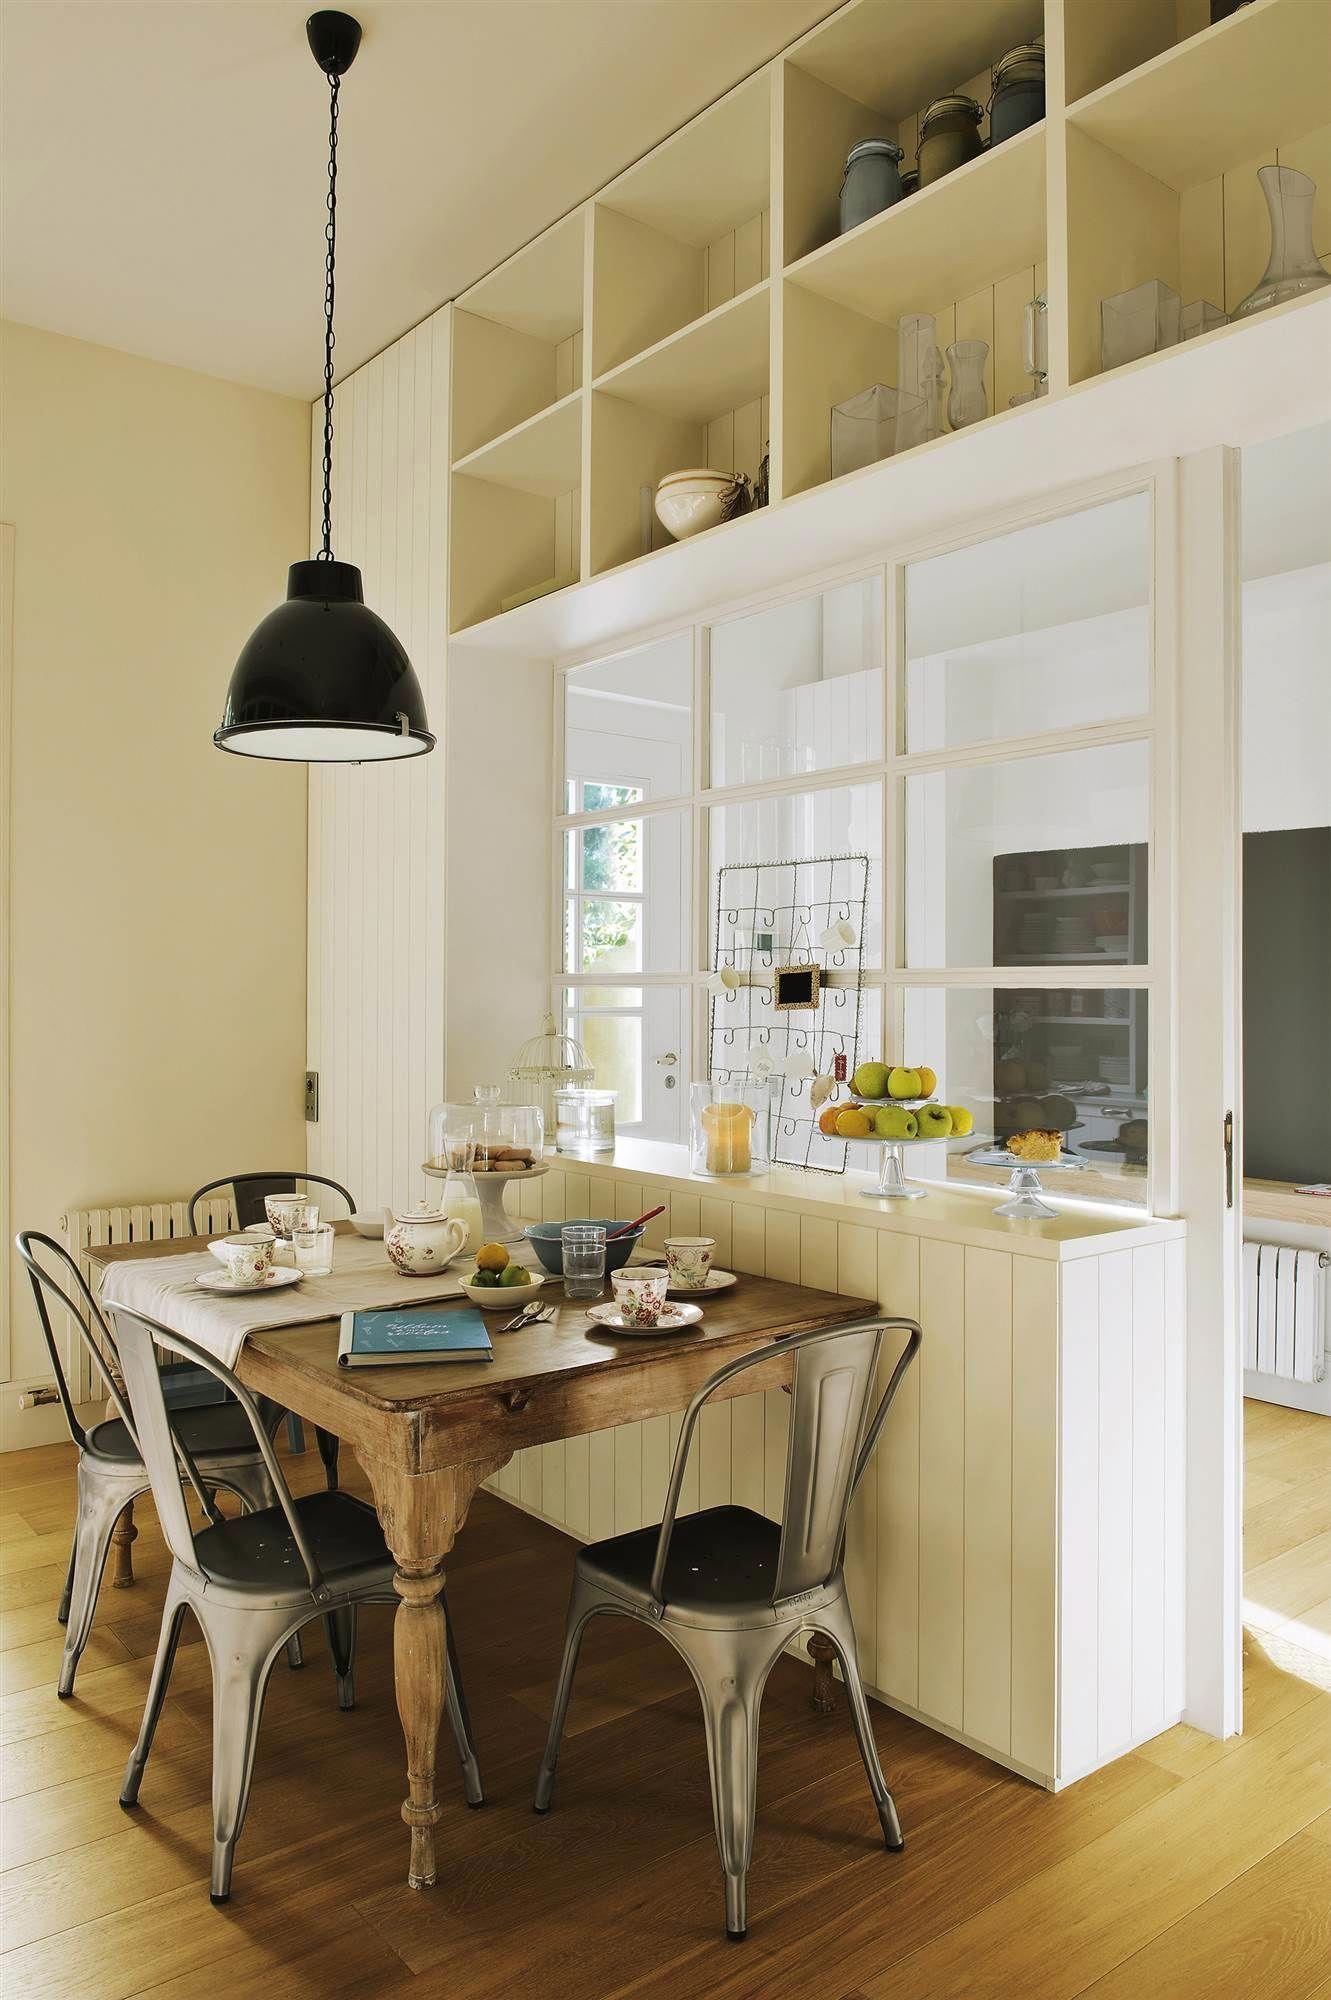 Comedor con mesa de maderas, lámpara de techo y sillas ...